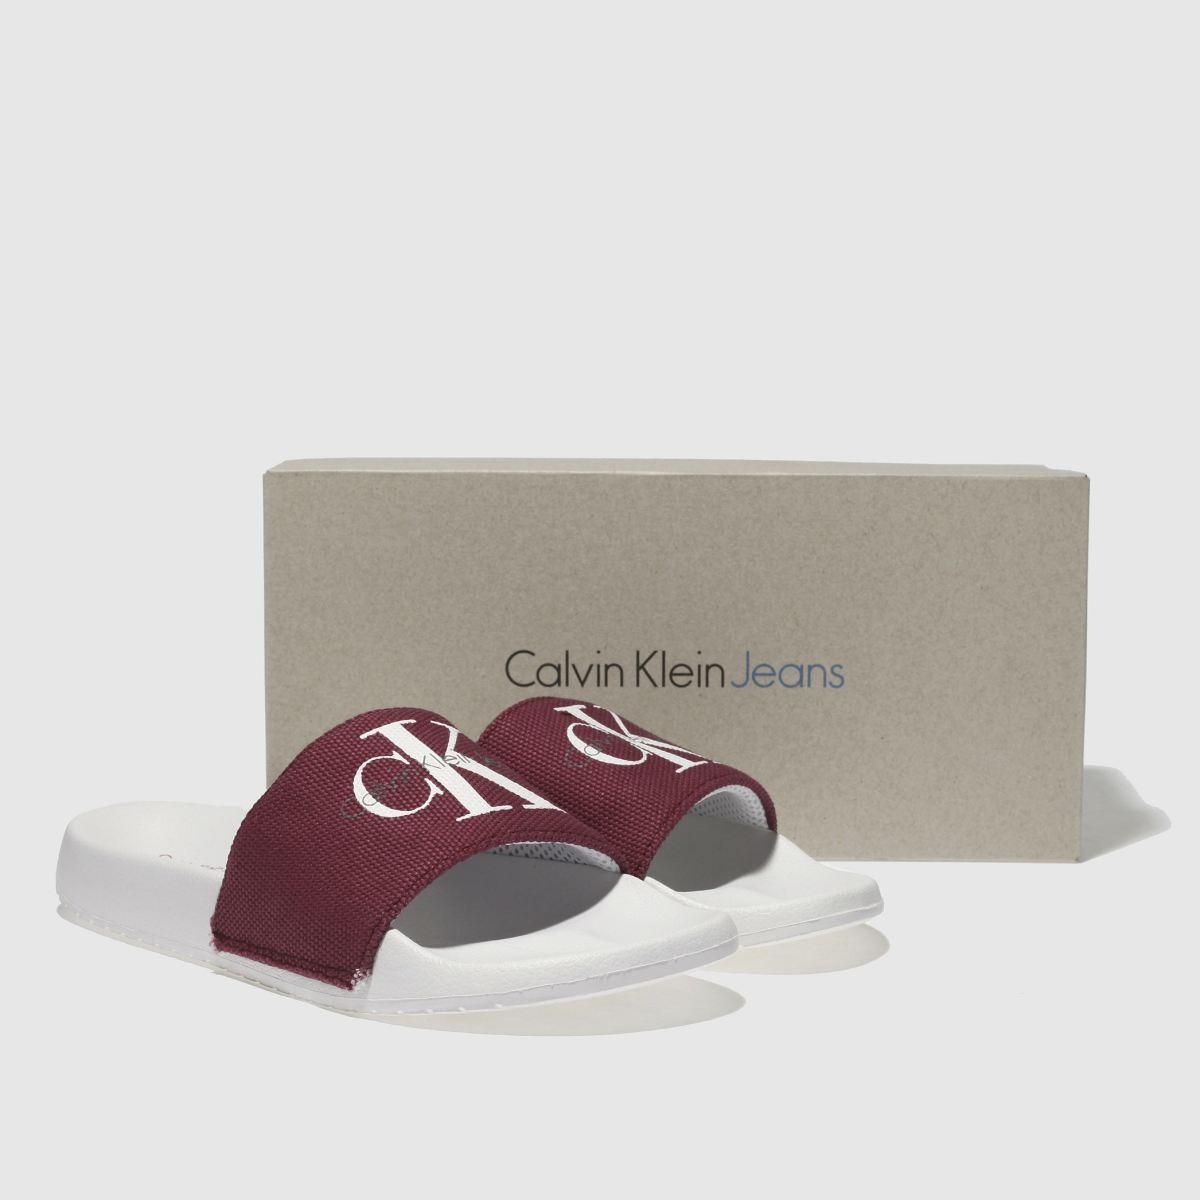 Damen Weiß-weinrot calvin klein | Chantal Heavy Canvas Sandalen | klein schuh Gute Qualität beliebte Schuhe b23faf